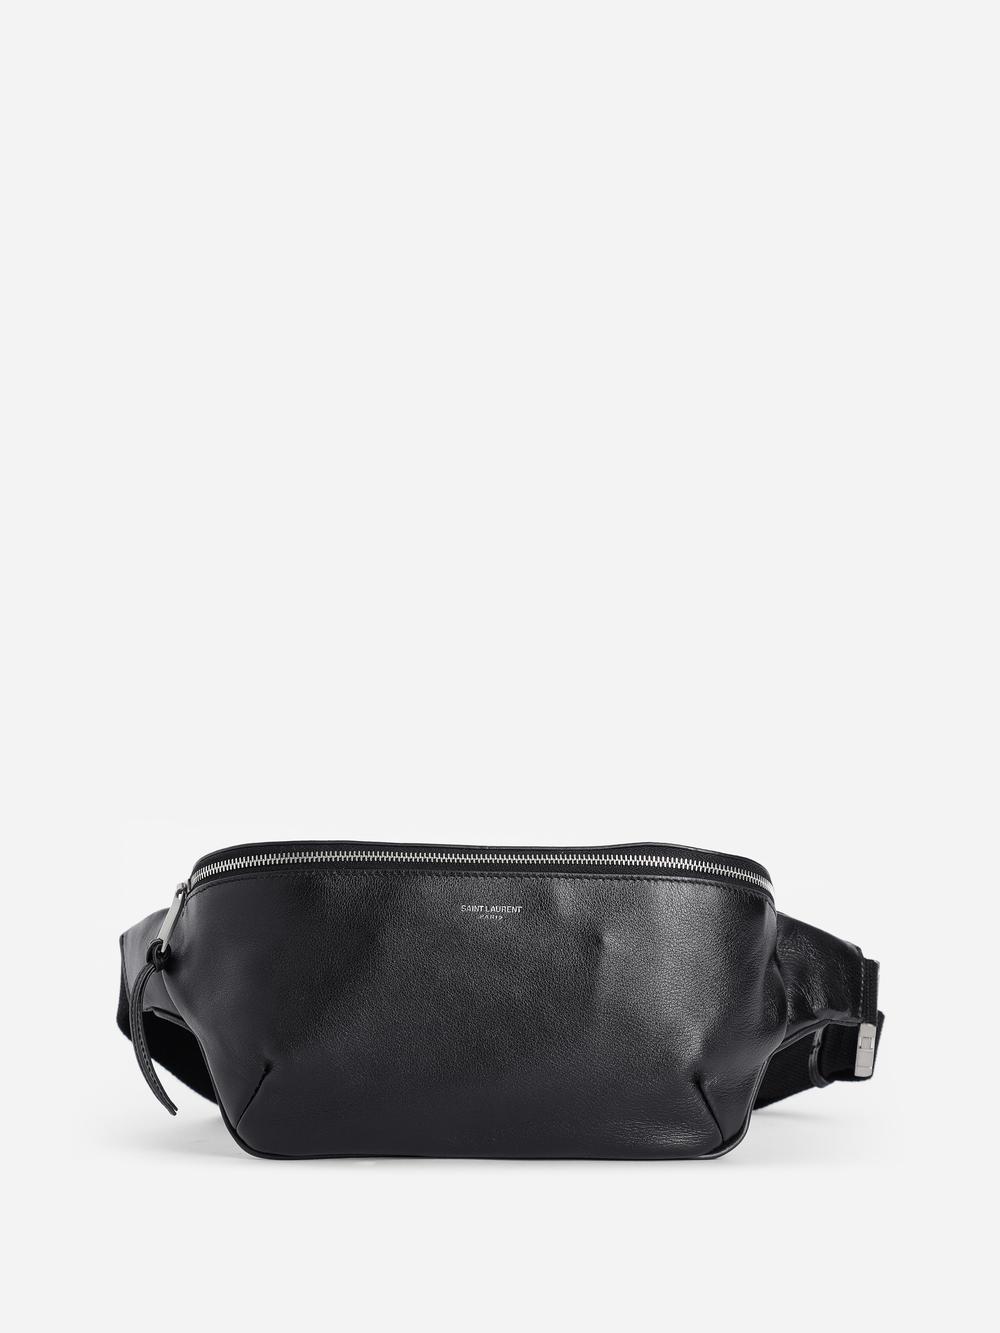 098a84b2d82 Saint Laurent Paris Men's Black Soft Leather Classic Belt Bag | ModeSens